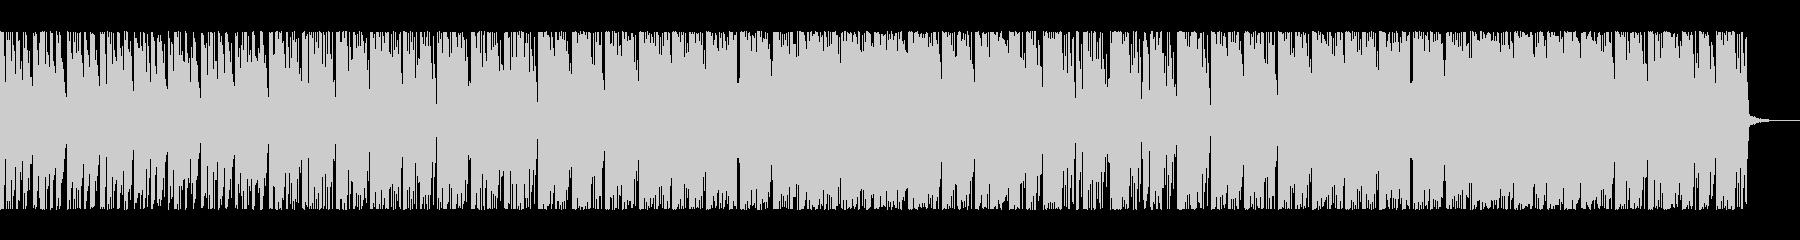 ほのぼのシンセのシニカルコミカルの未再生の波形